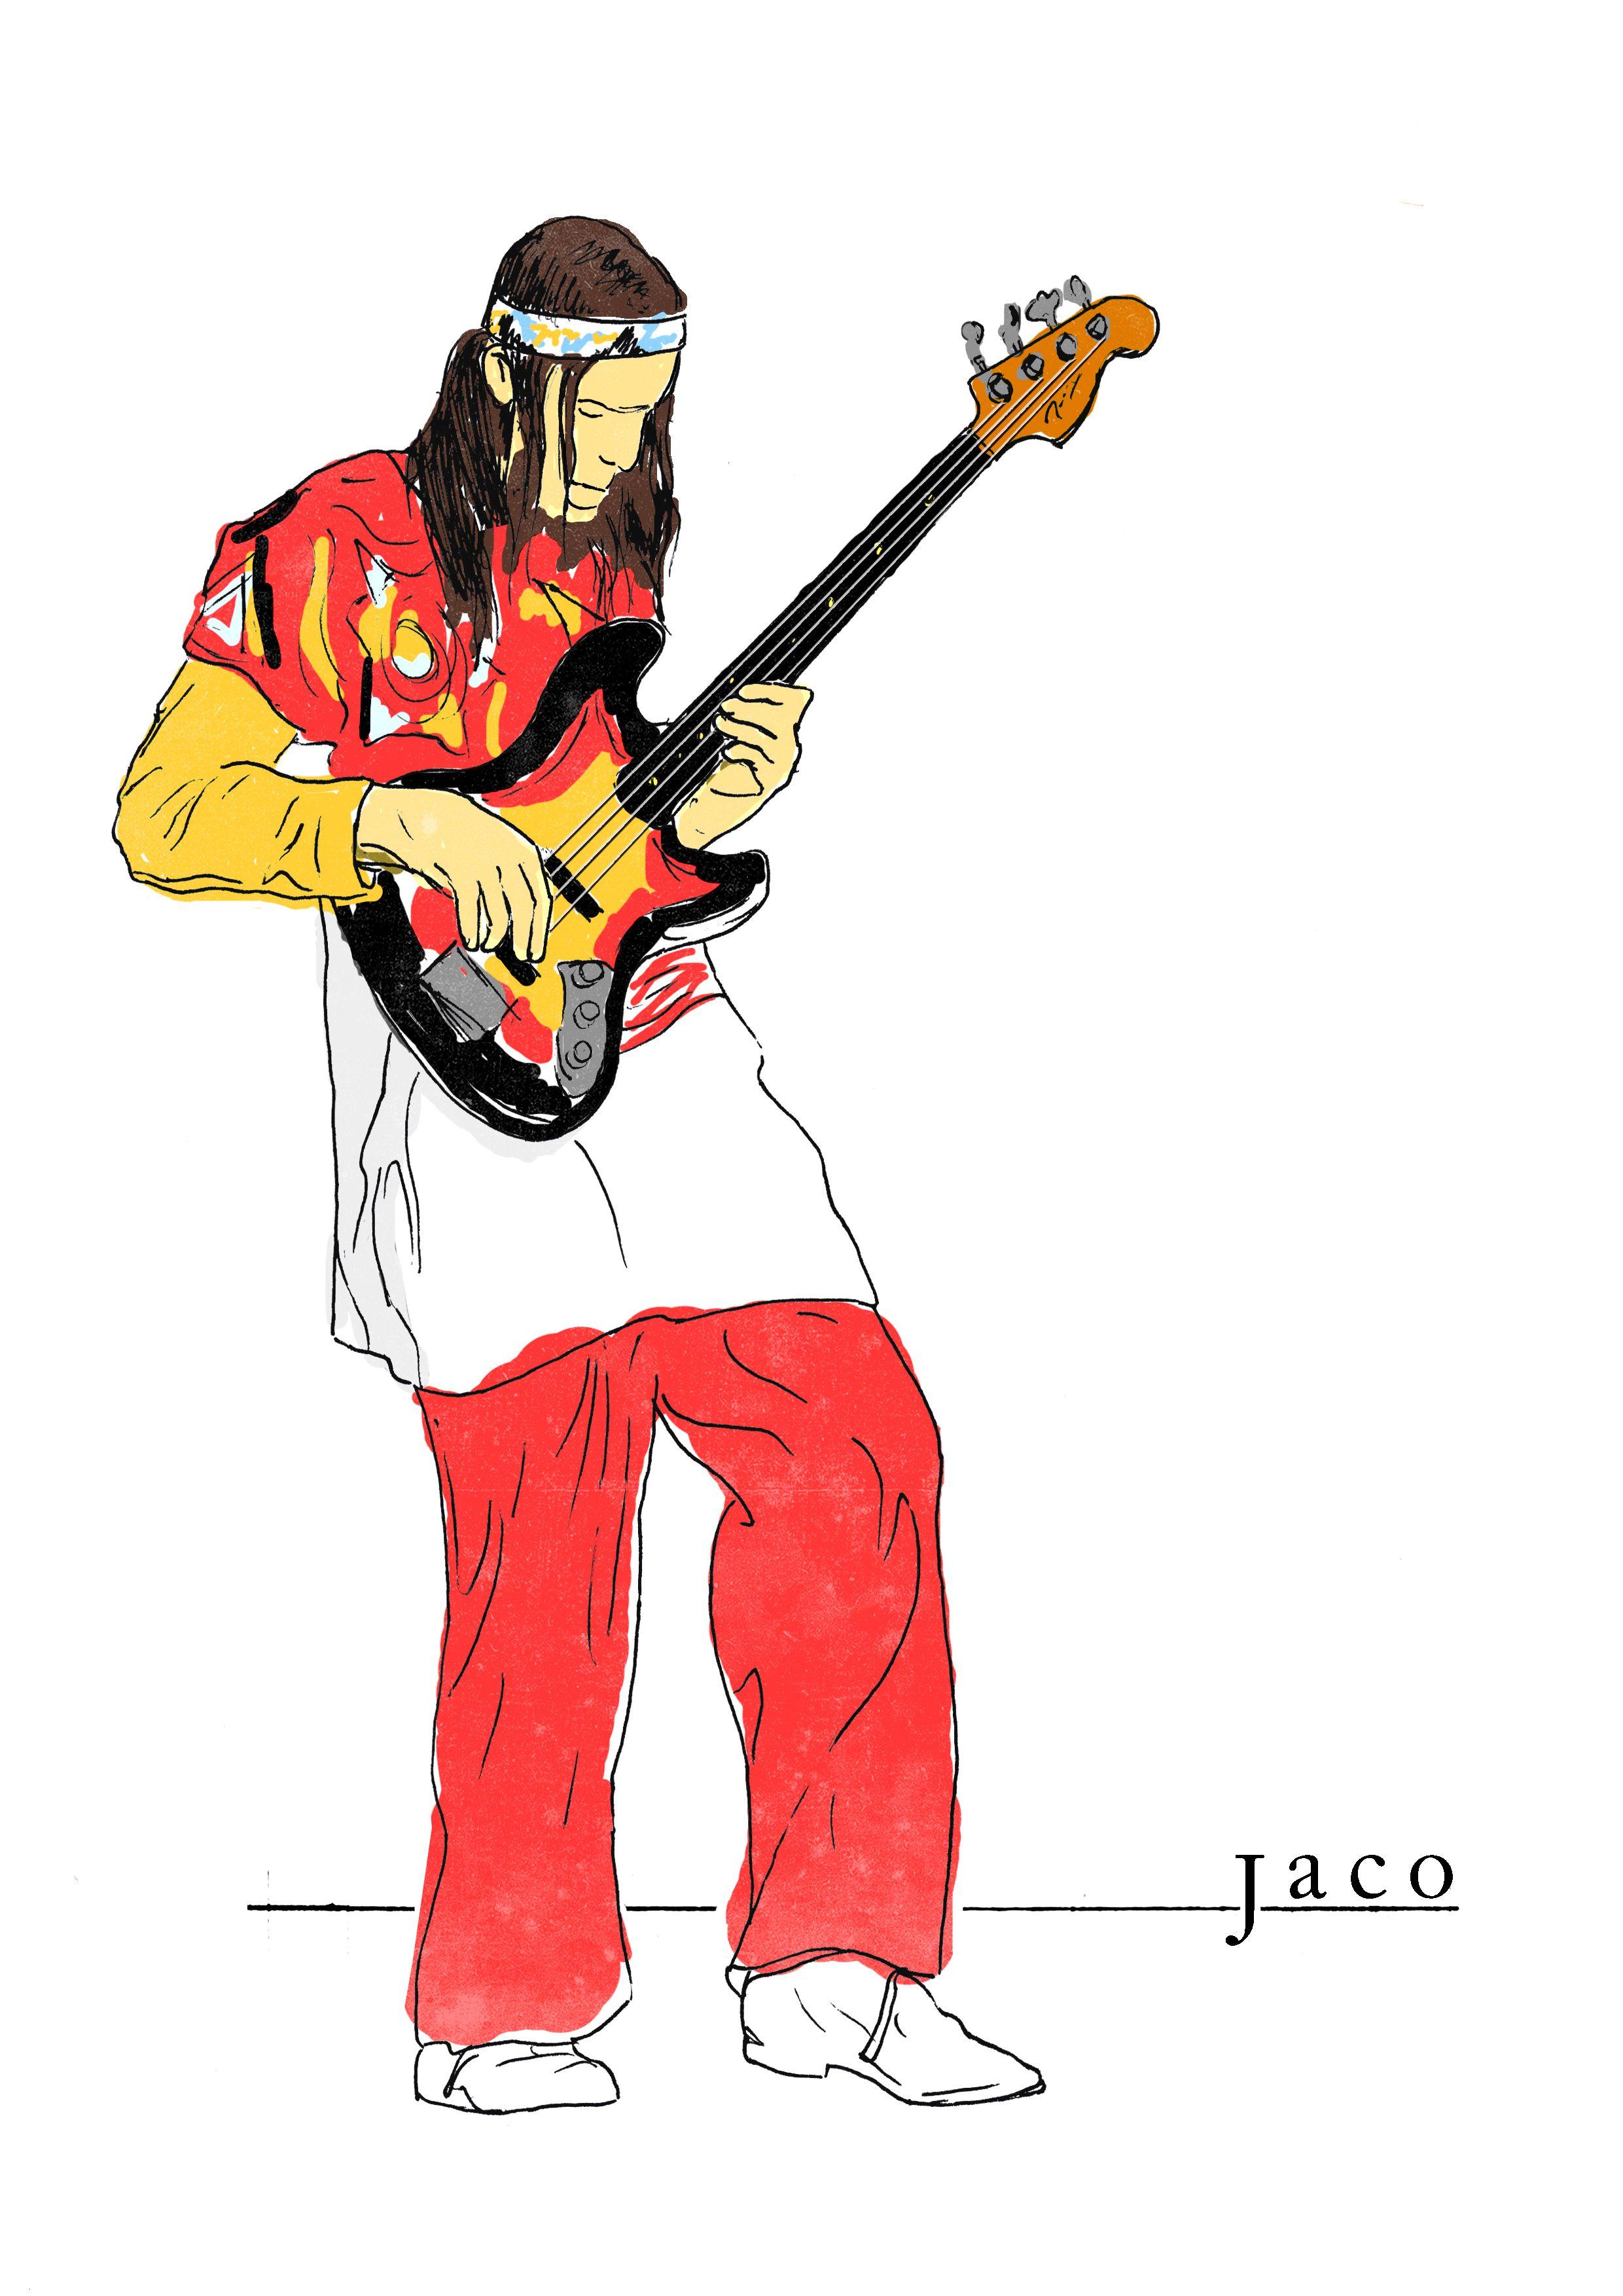 b7c30ec0bc Jaco Pastorius illustration.